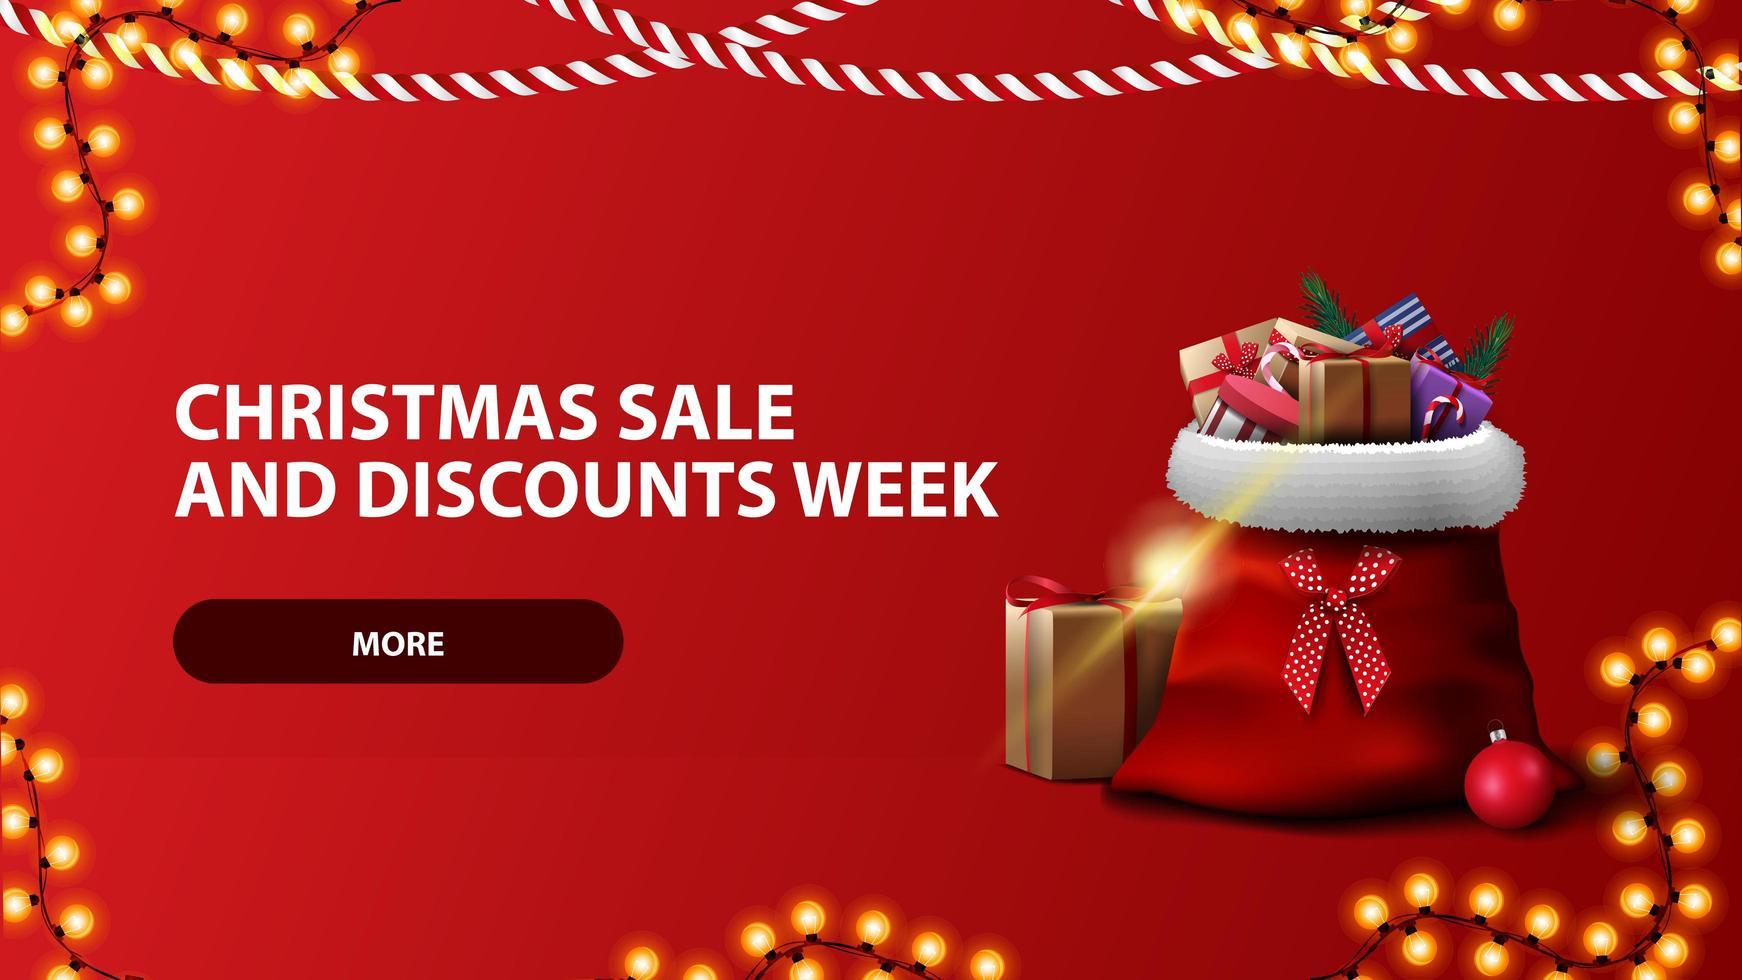 kerstuitverkoop en kortingsweek, rode horizontale banner met knop, slinger en kerstmanzak vector